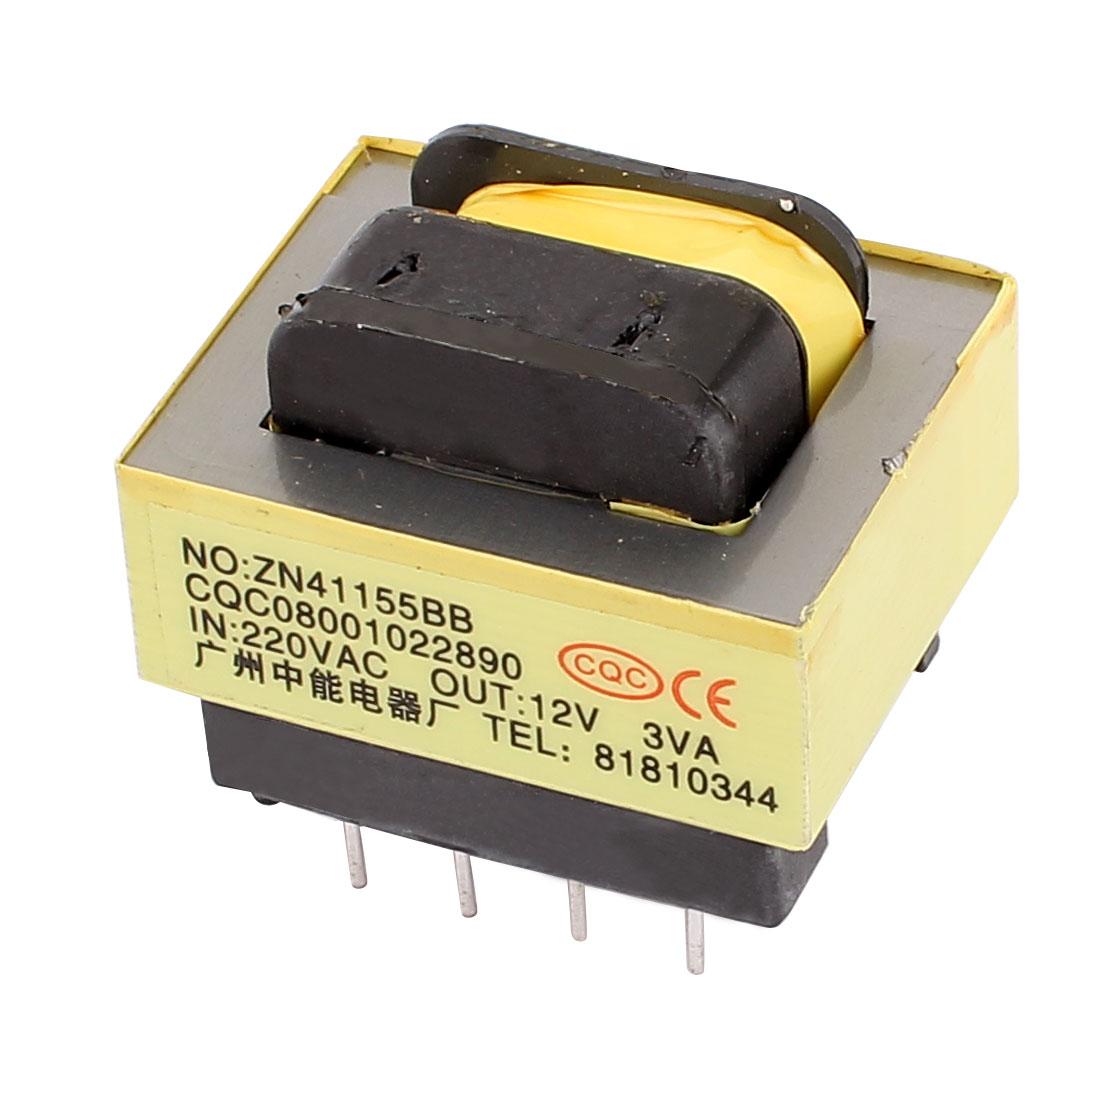 220V Input 12V 3VA Output Yellow Red Ferrite Core Power Transformer w 5 Terminals